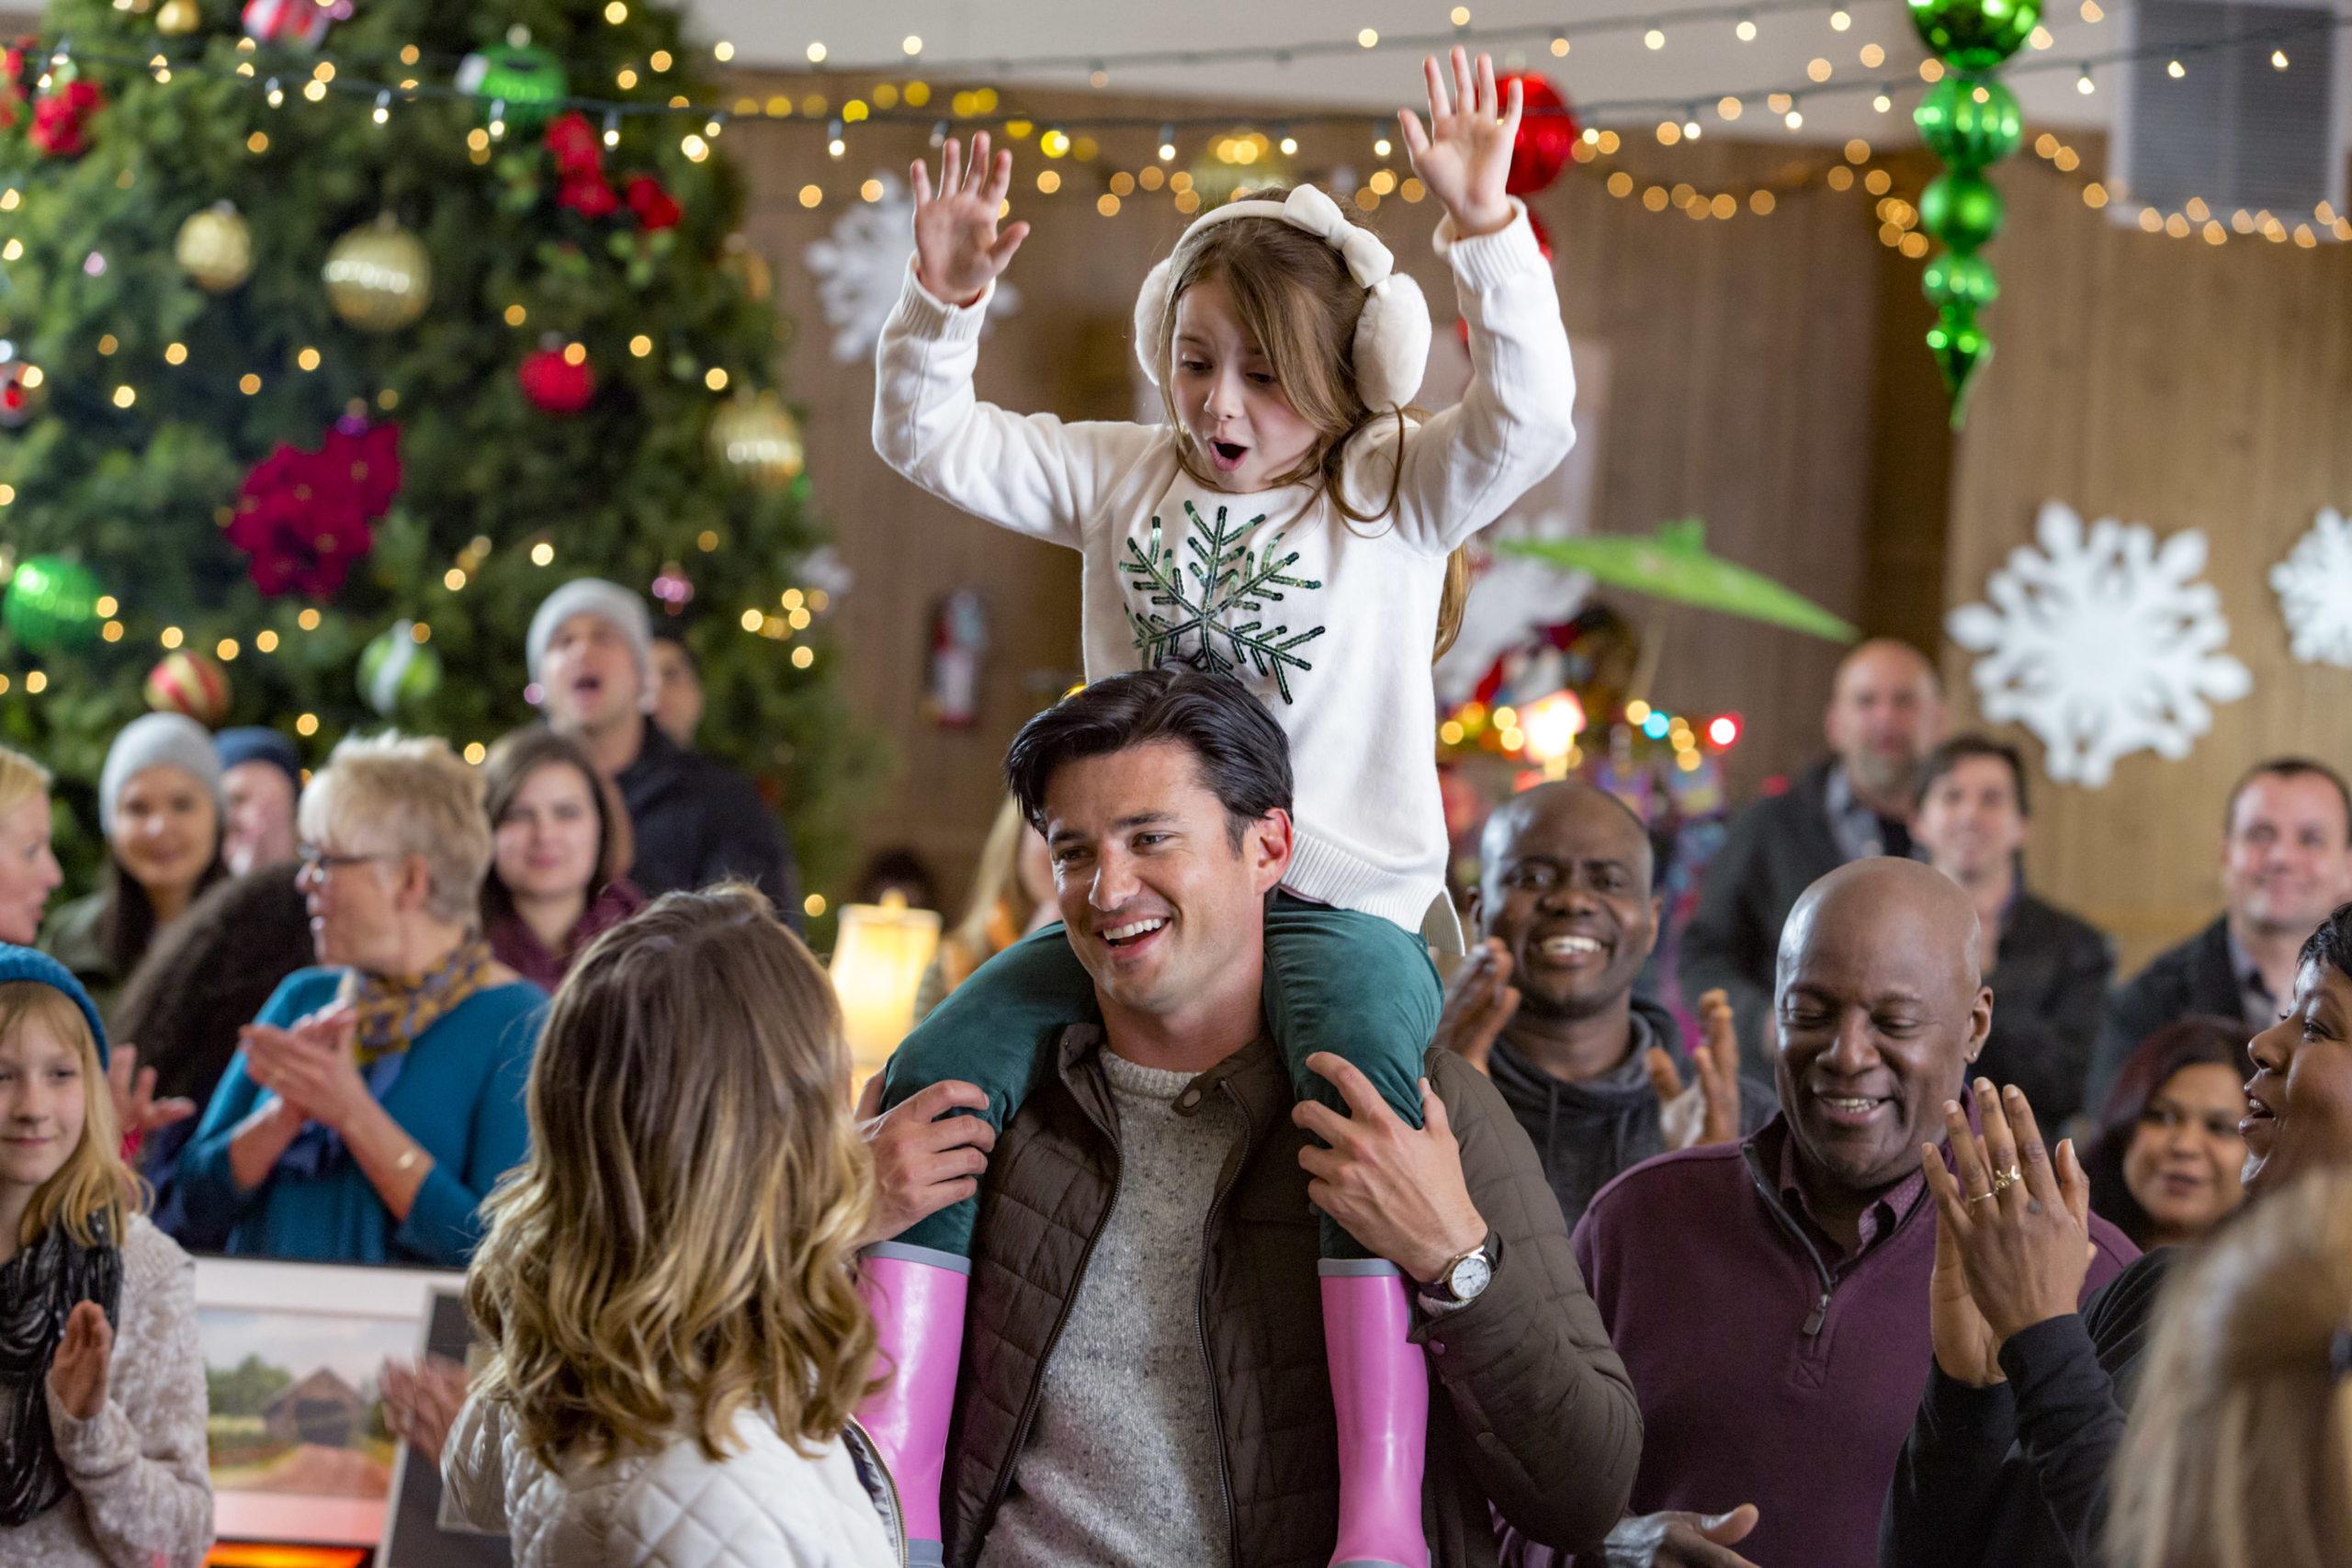 Hallmark Christmas Movies - Christmas Cookies - Bettina Strauss - Crown Media